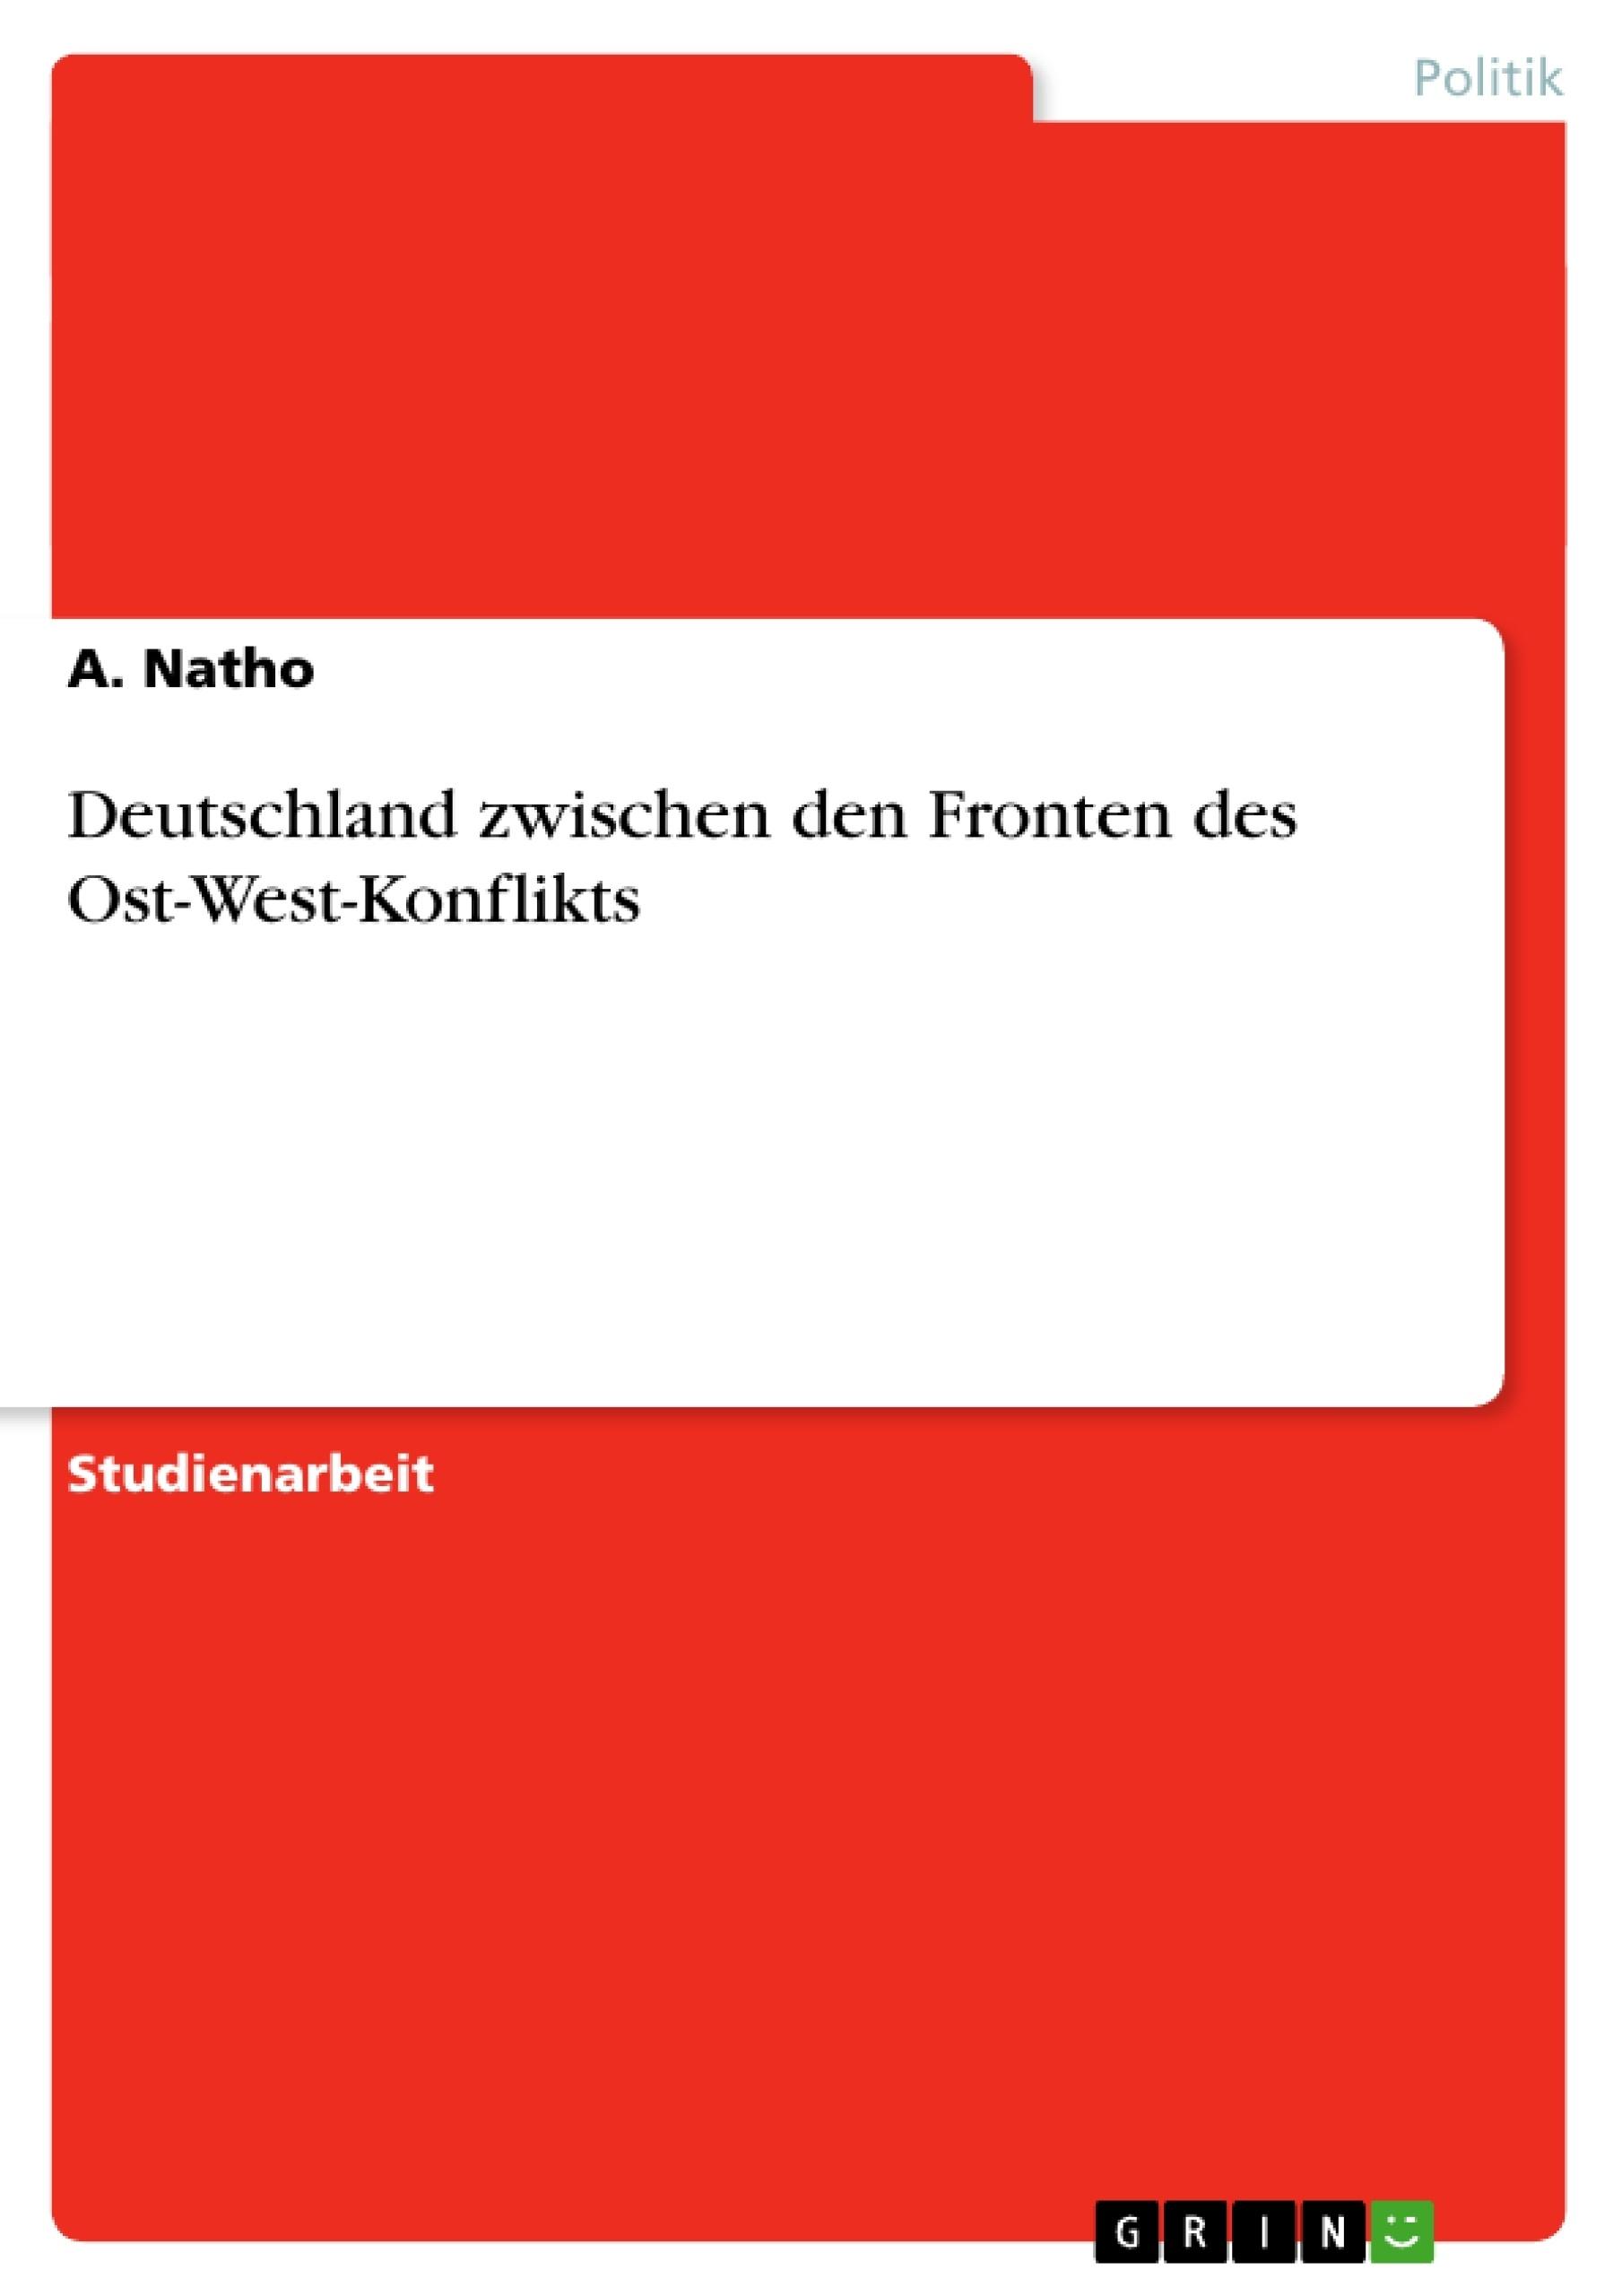 Titel: Deutschland zwischen den Fronten des Ost-West-Konflikts